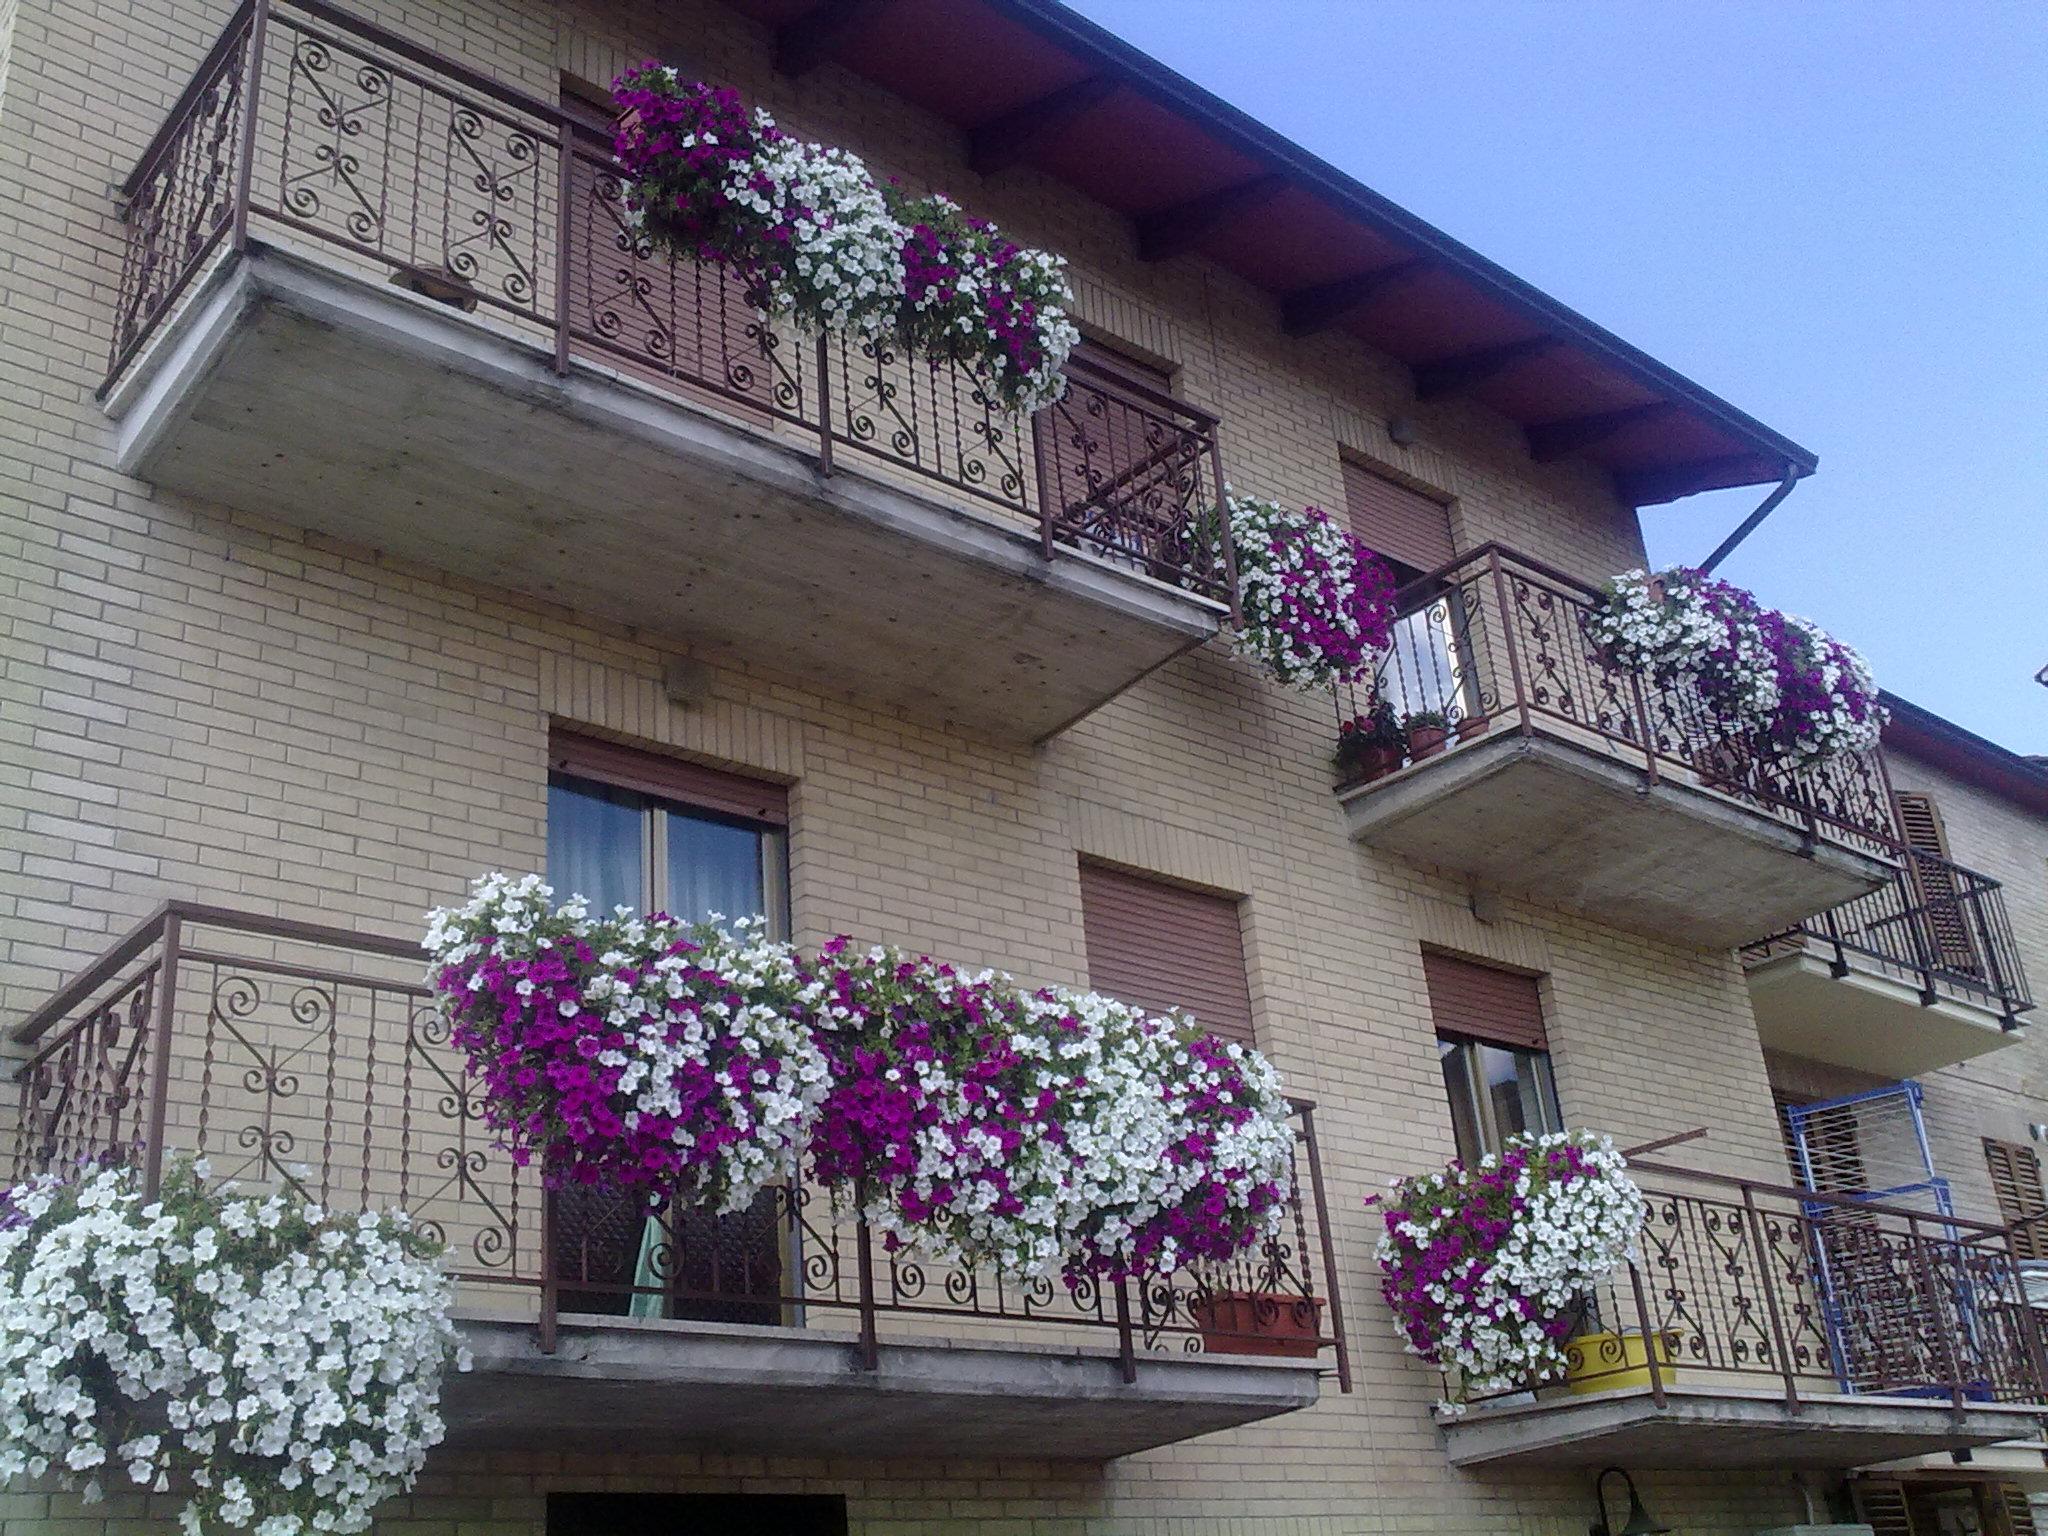 Cerchi un giardiniere a roma negozio di fiori a roma for Terrazzi con piante e fiori